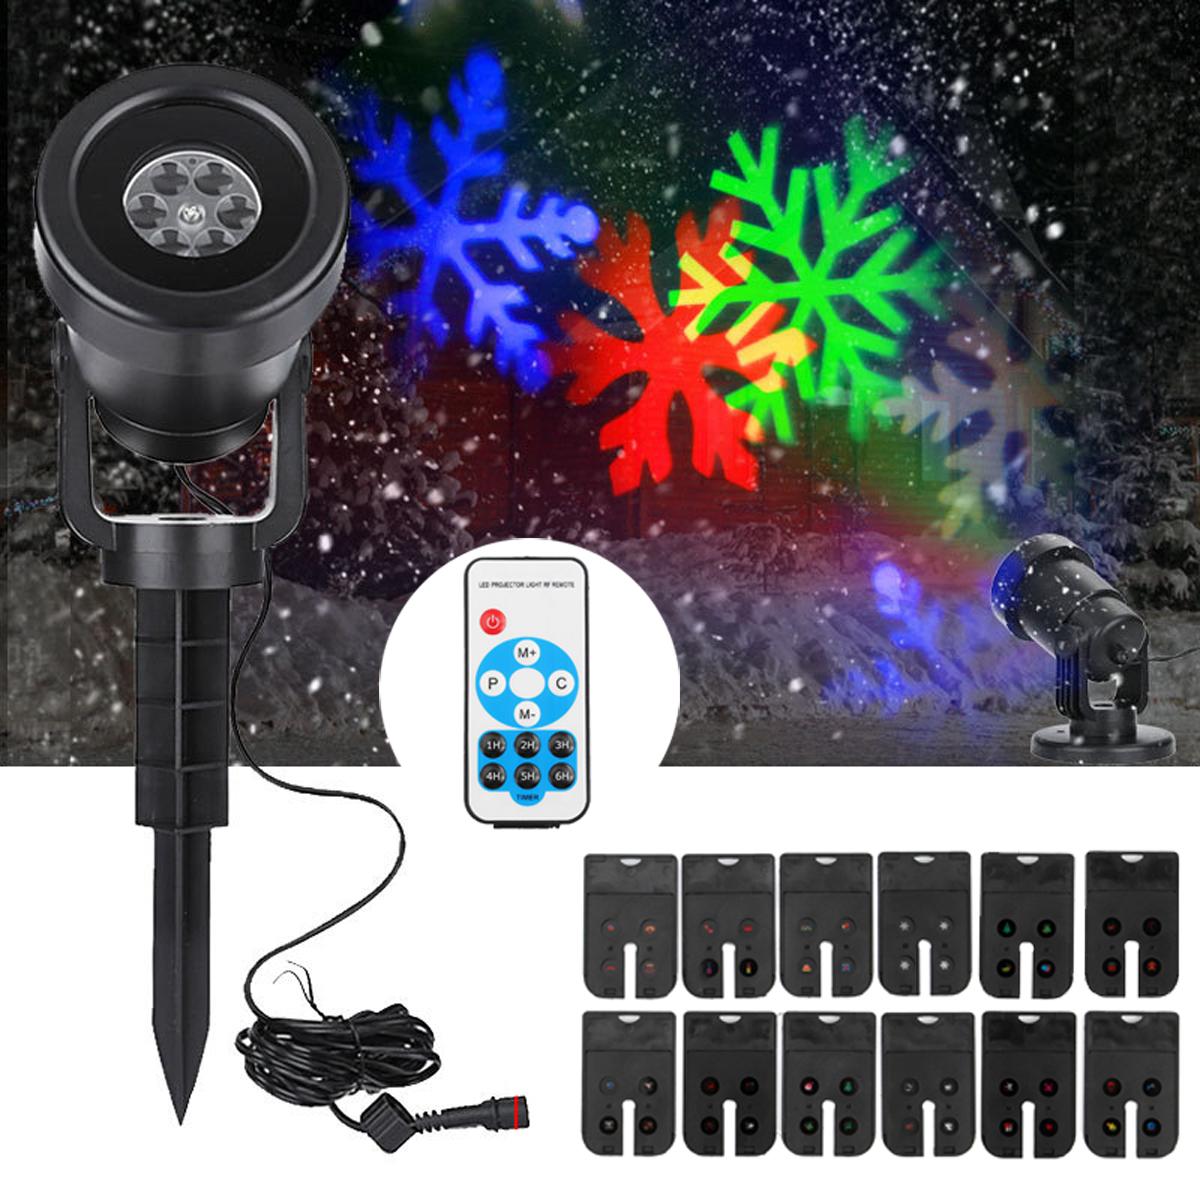 Шаблоны LED Водонепроницаемы Пейзаж Перемещение Лазер Сценический свет Проектор для Chrismas Halloween